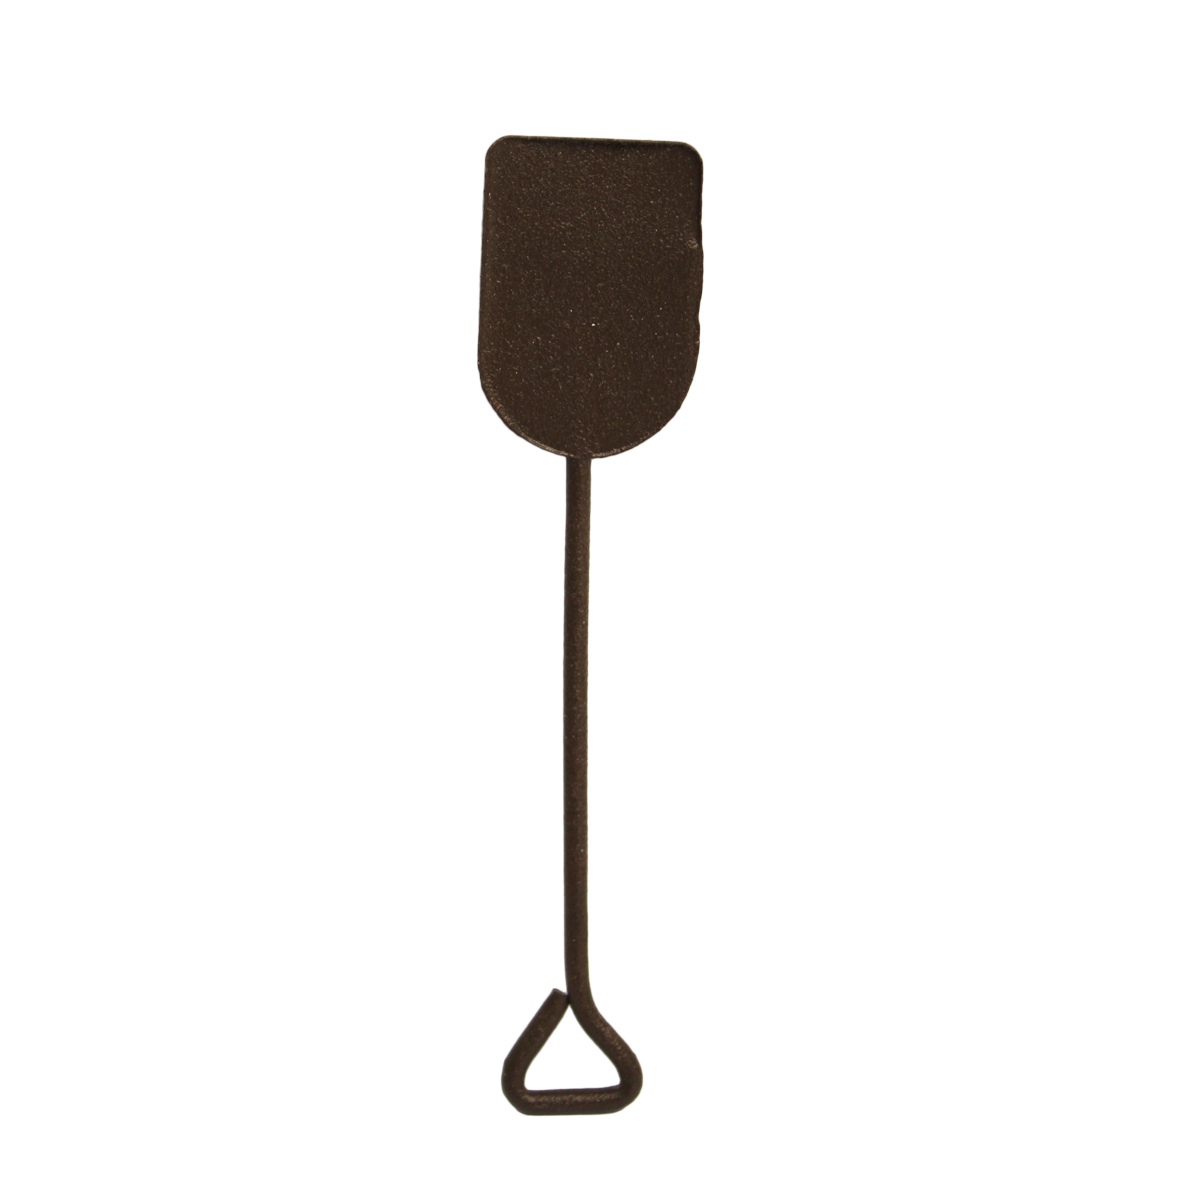 KB3919 Металлическая мини лопата корич. 1,8*8,5см Астра